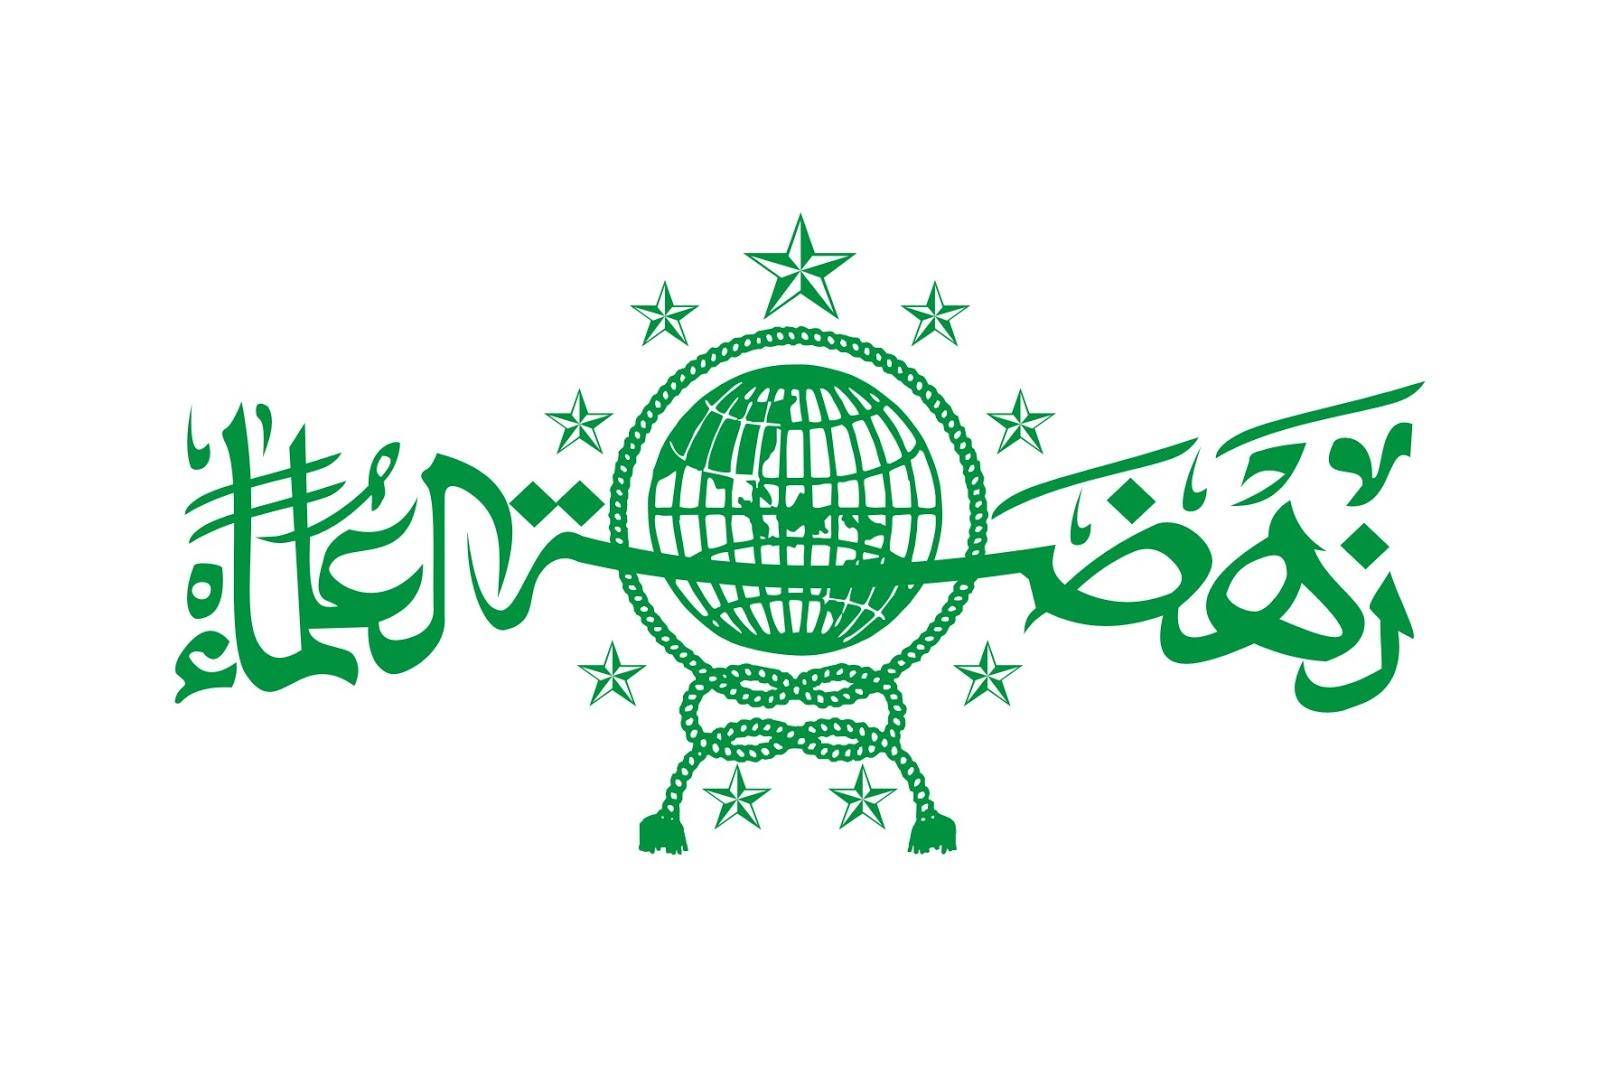 Logo Nahdlatul Ulama